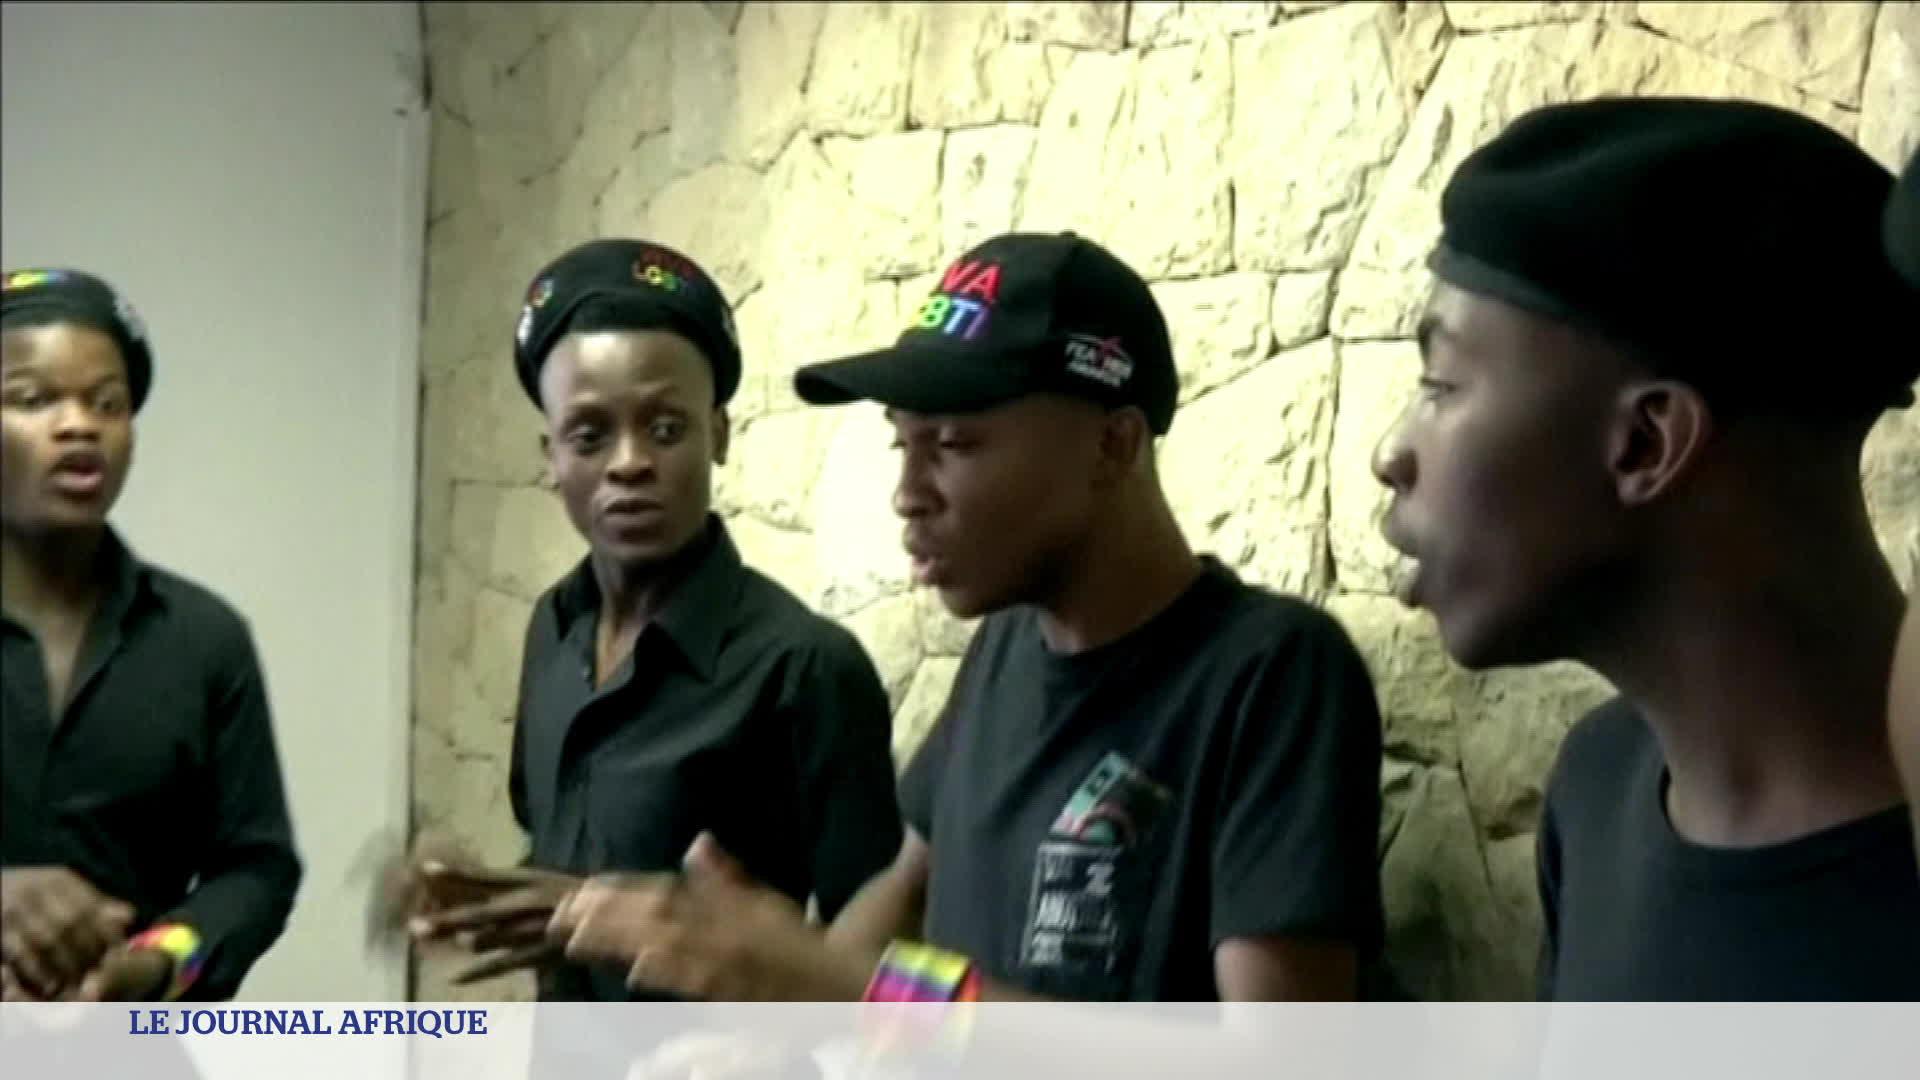 Une chorale pour ouvrir l'esprit en Afrique du Sud